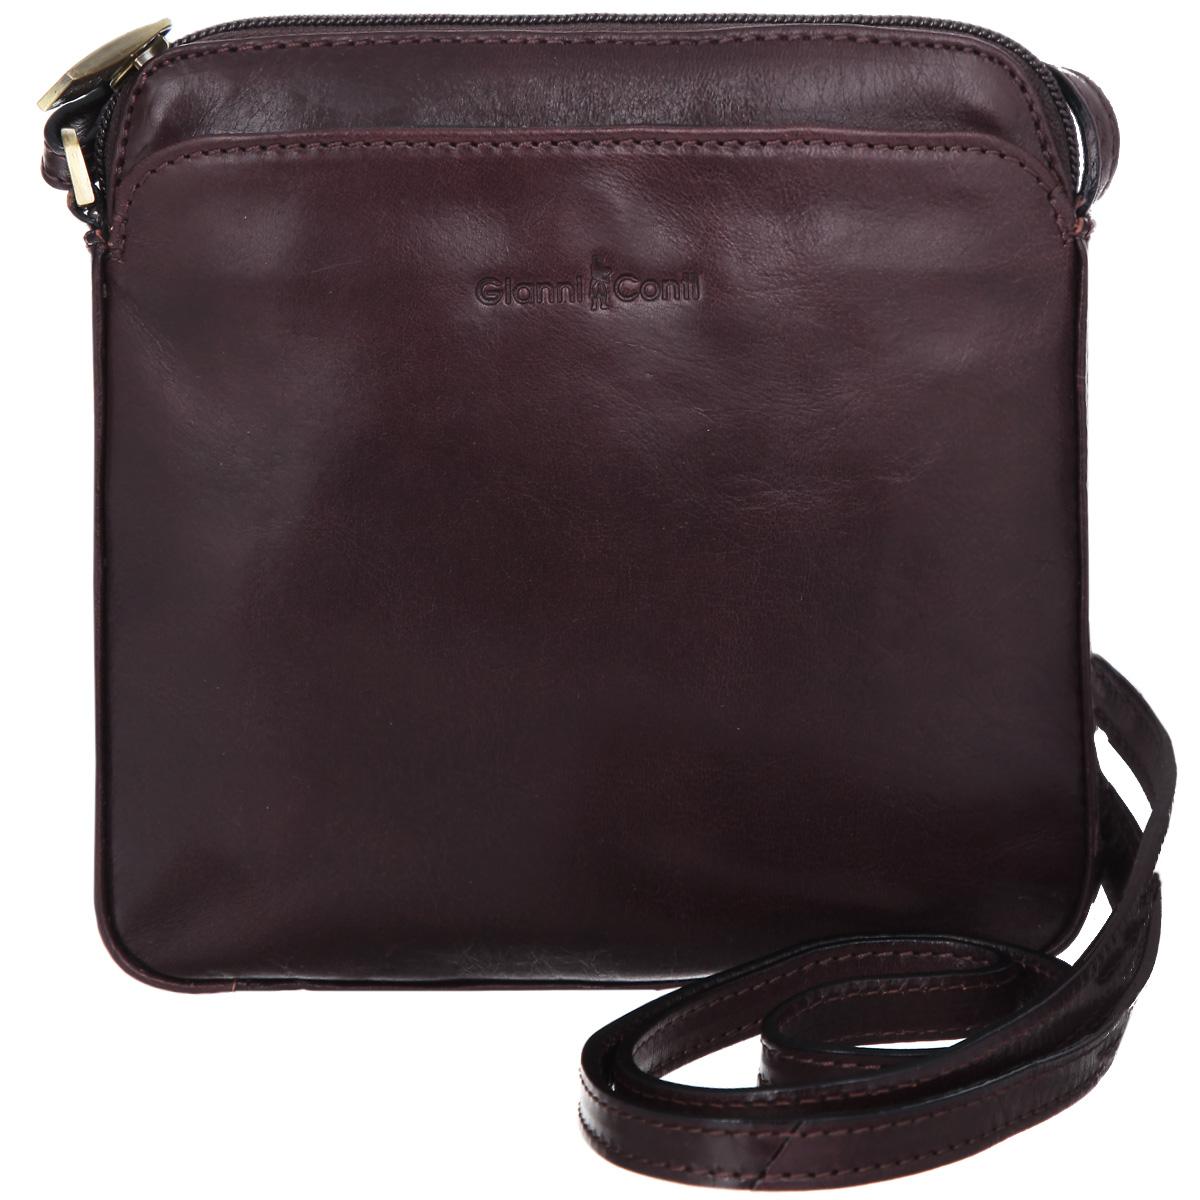 Сумка-планшет мужская Gianni Conti, цвет: коричневый. 904038904038Стильная сумка-планшет Gianni Conti выполнена из высококачественной натуральной кожи и дополнена тиснением с названием бренда производителя. Планшет имеет одно основное отделение, которое закрывается на застежку-молнию. Внутри имеется пришивной карман и прорезной на застежке-молнии. Снаружи на передней и задней стенках располагаются дополнительные карманы на магнитных кнопках. Сумка оснащена регулируемым плечевым ремнем. К планшету прилагается чехол для хранения. Функциональность, вместительность, качество исполнения и непревзойденный стиль сумки- планшета Gianni Conti, несомненно, понравится любому мужчине.